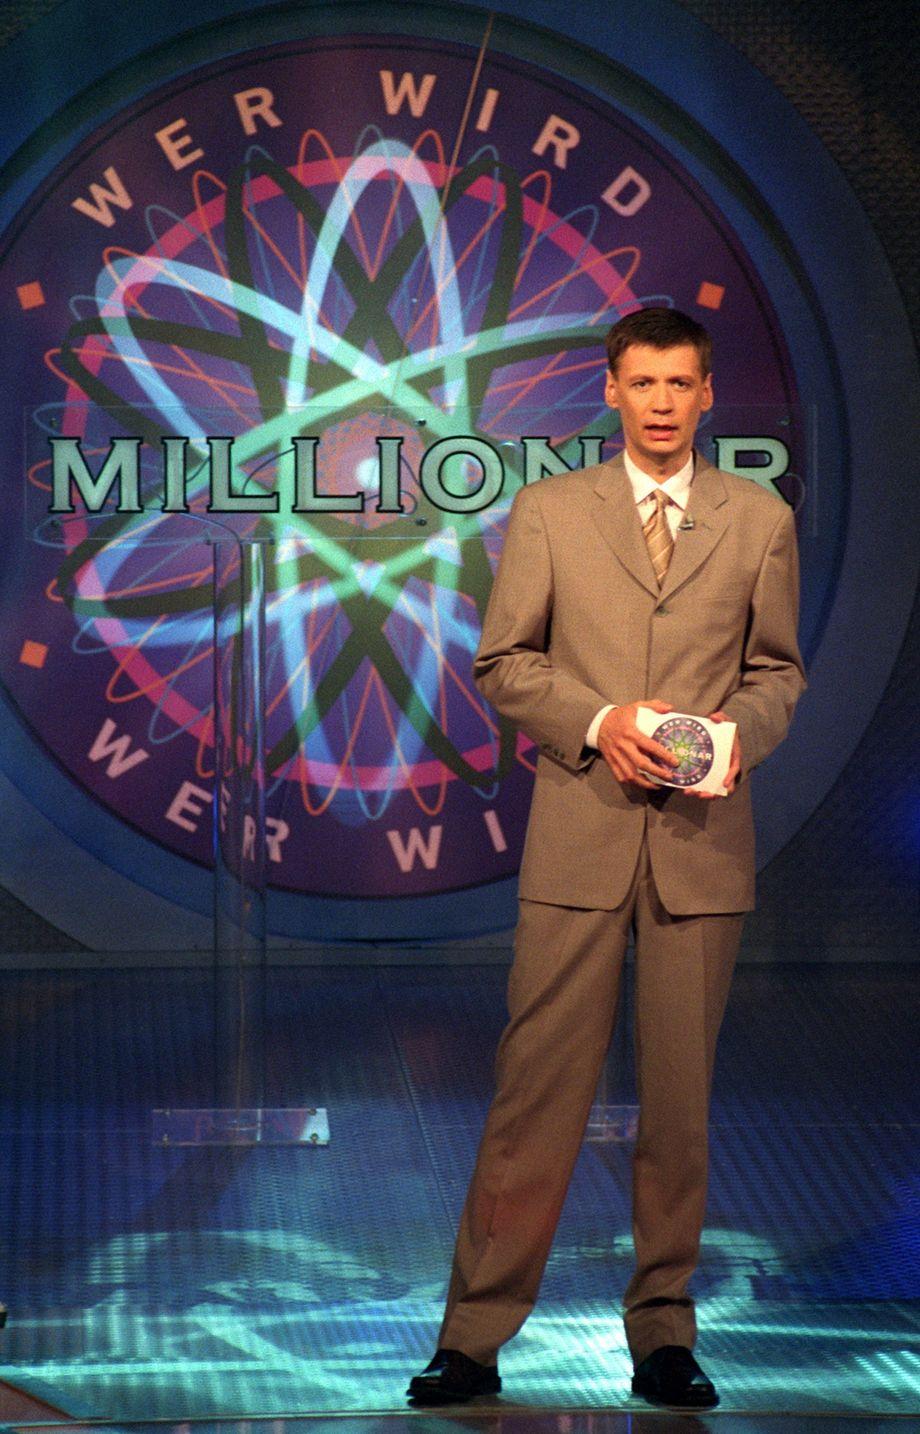 Wer Wird Millionär Gewinnspiel Gewinner